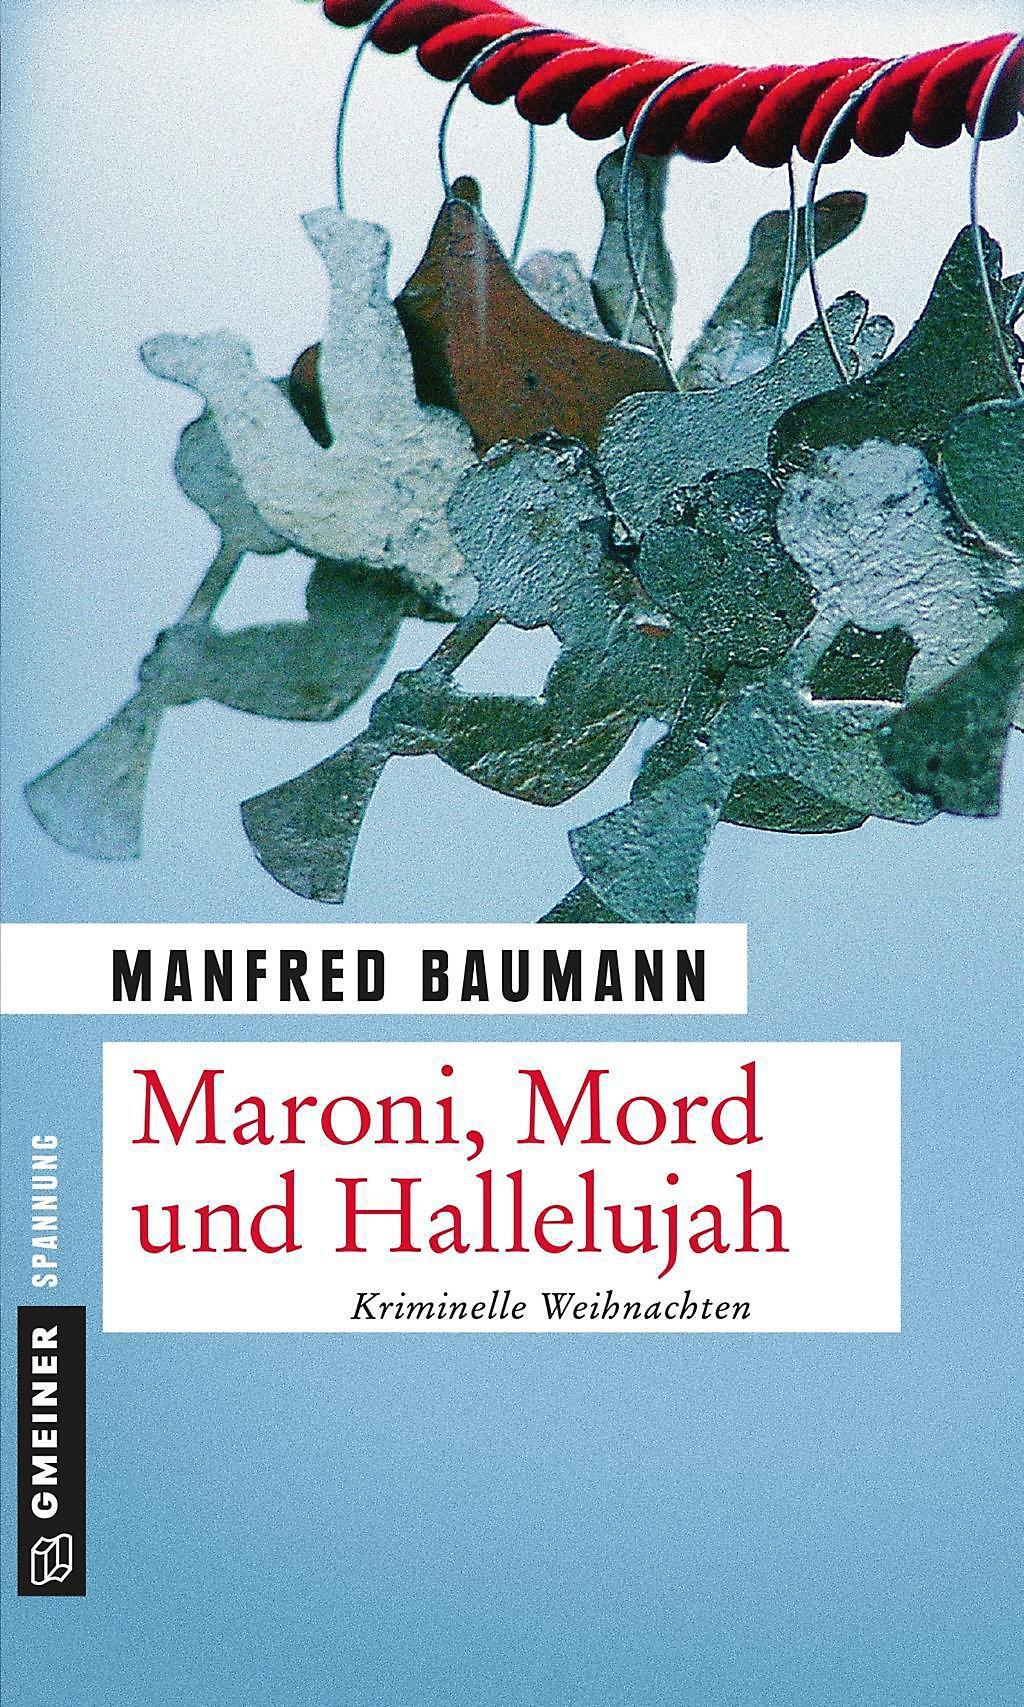 Maroni, Mord und Hallelujah Buch portofrei bei Weltbild.at